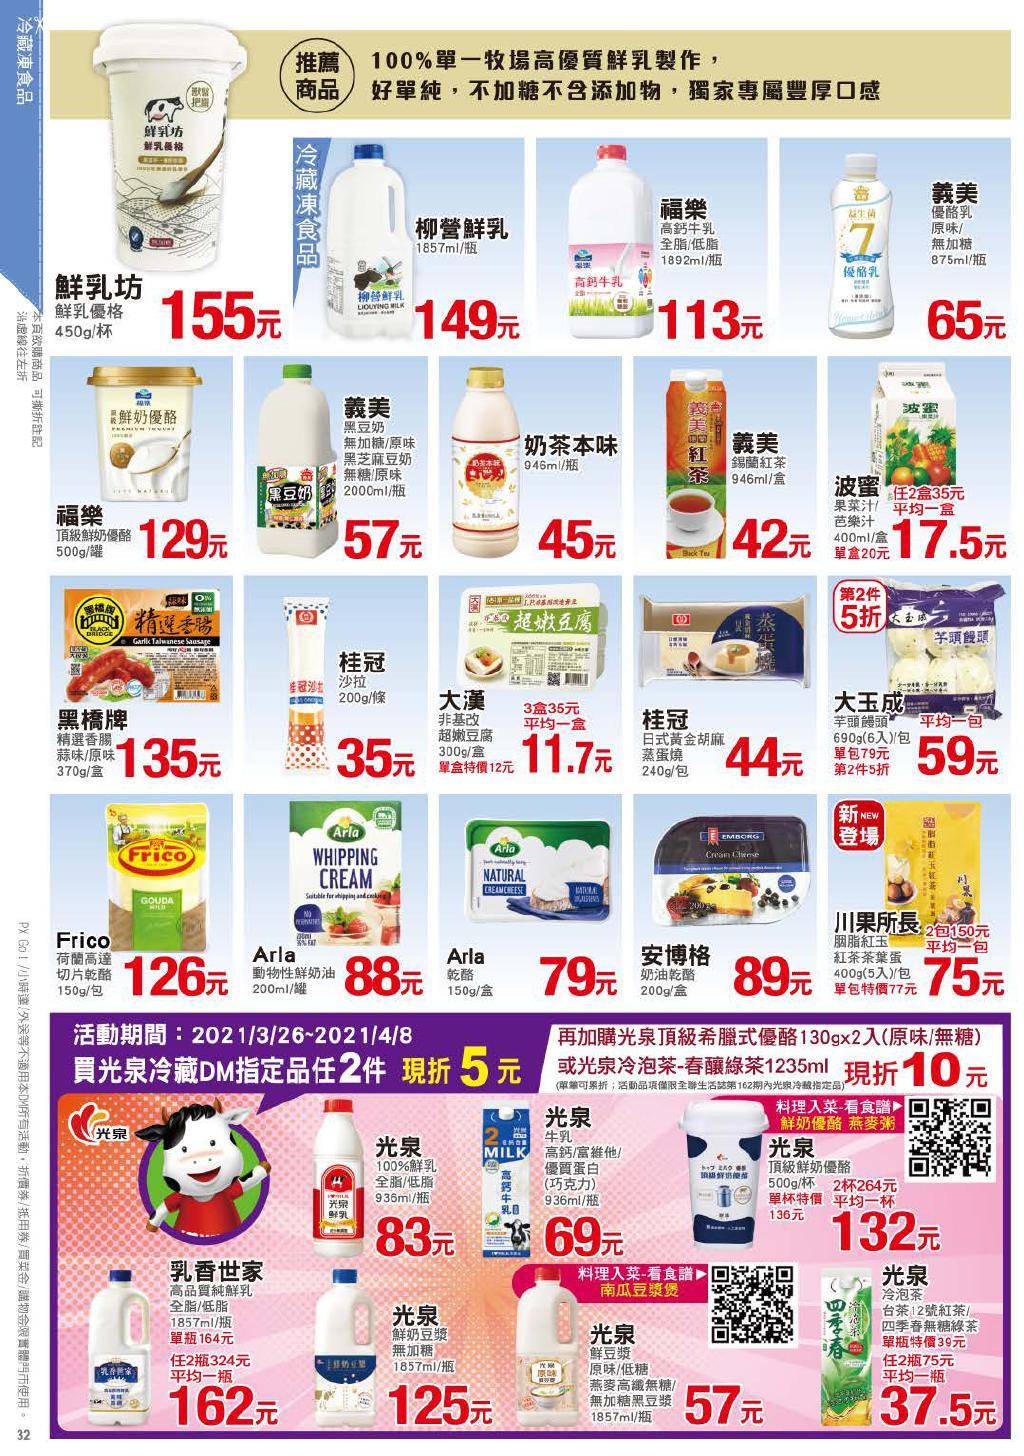 全聯福利中心 DM【2021/4/8 止】全聯生活誌》冷藏凍食品